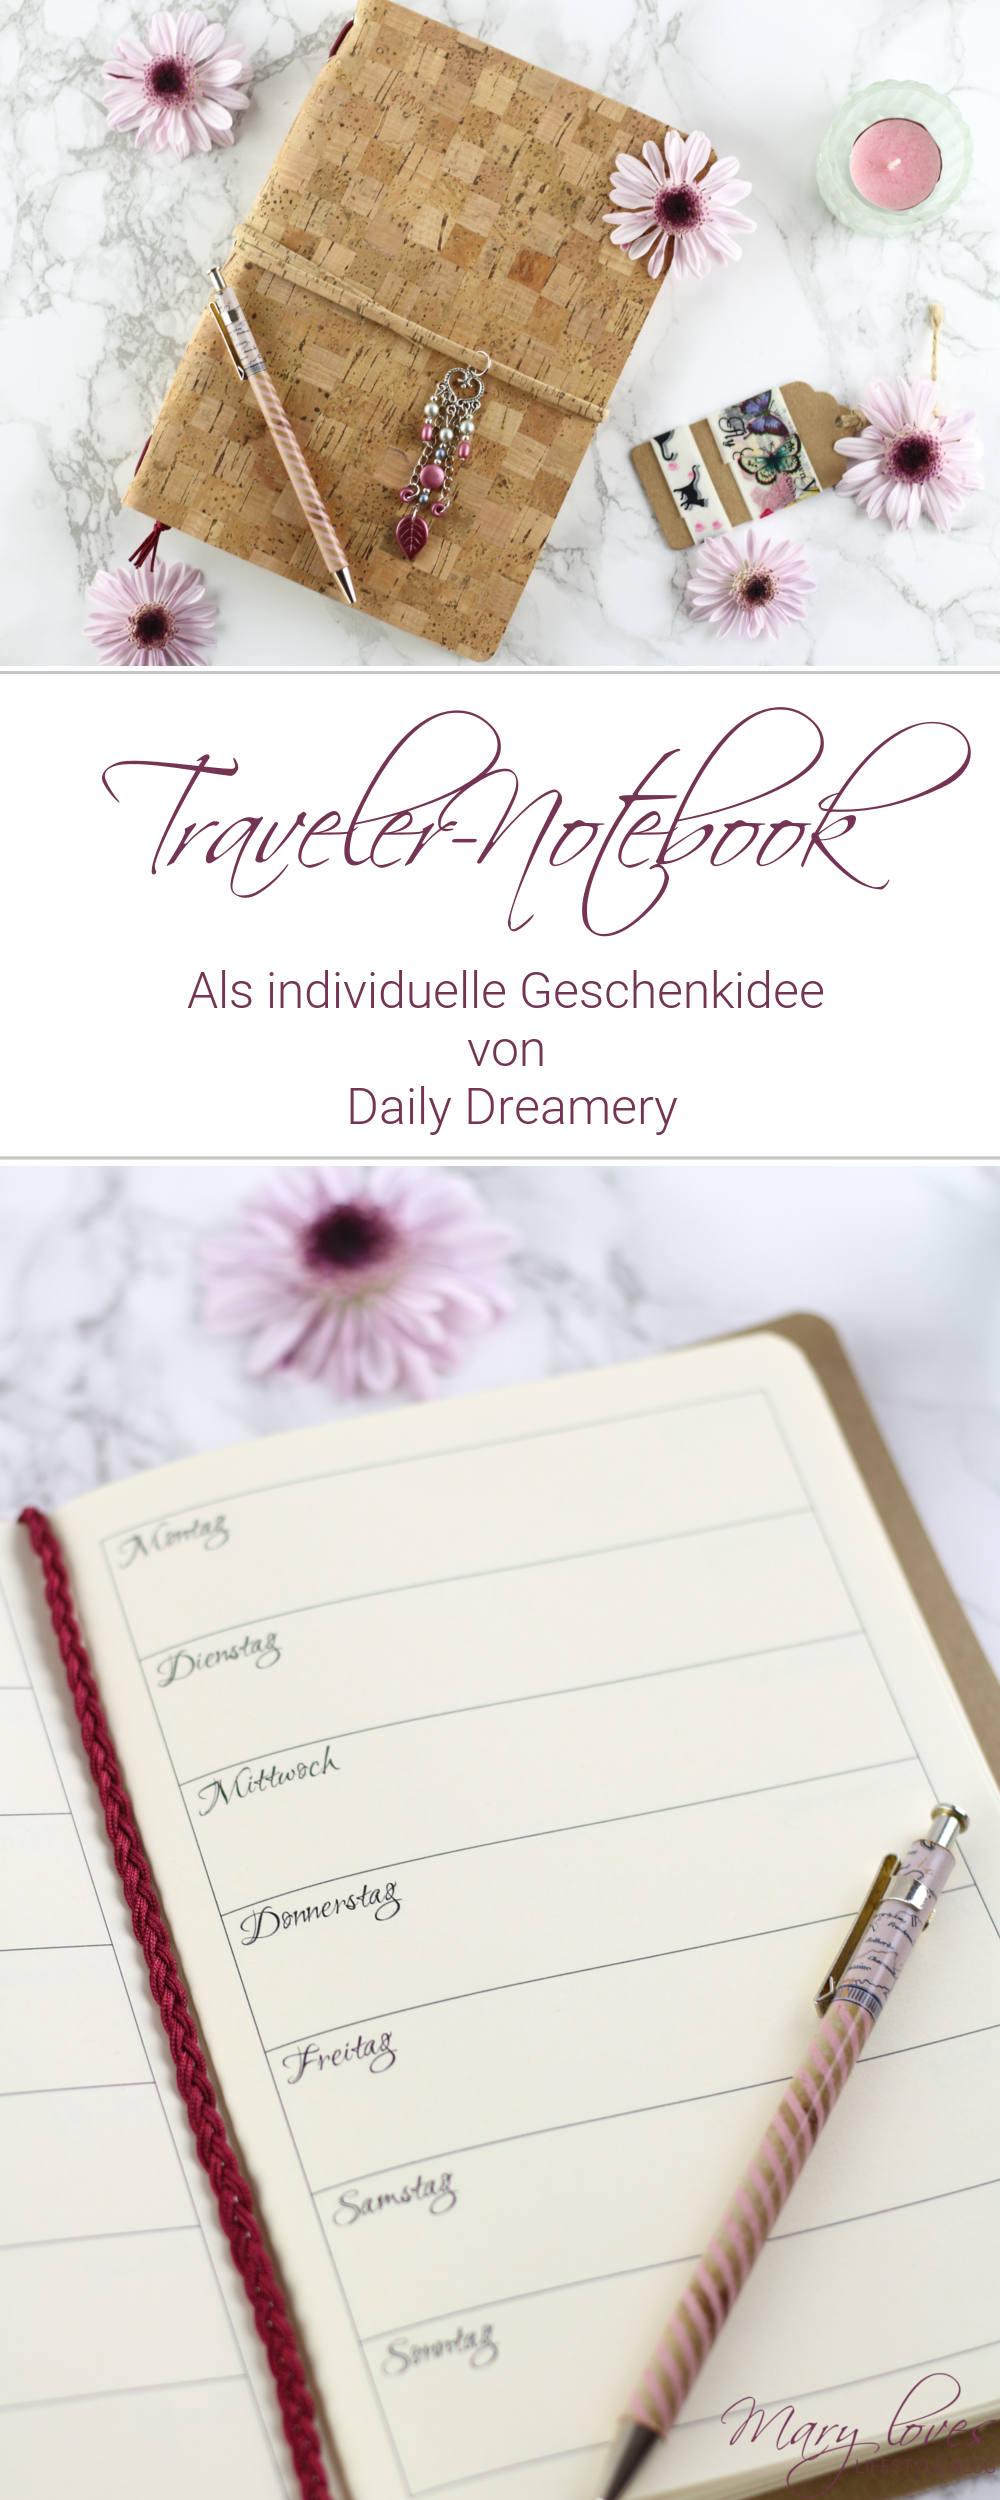 [Anzeige] Individuelle Geschenkidee - Das Traveler-Notebook von Daily Dreamery - #geschenkidee #notebook #travelernotebook #geschenk #weihnachtsgeschenk #notizbuch #jahresplaner #planer #dailydreamery